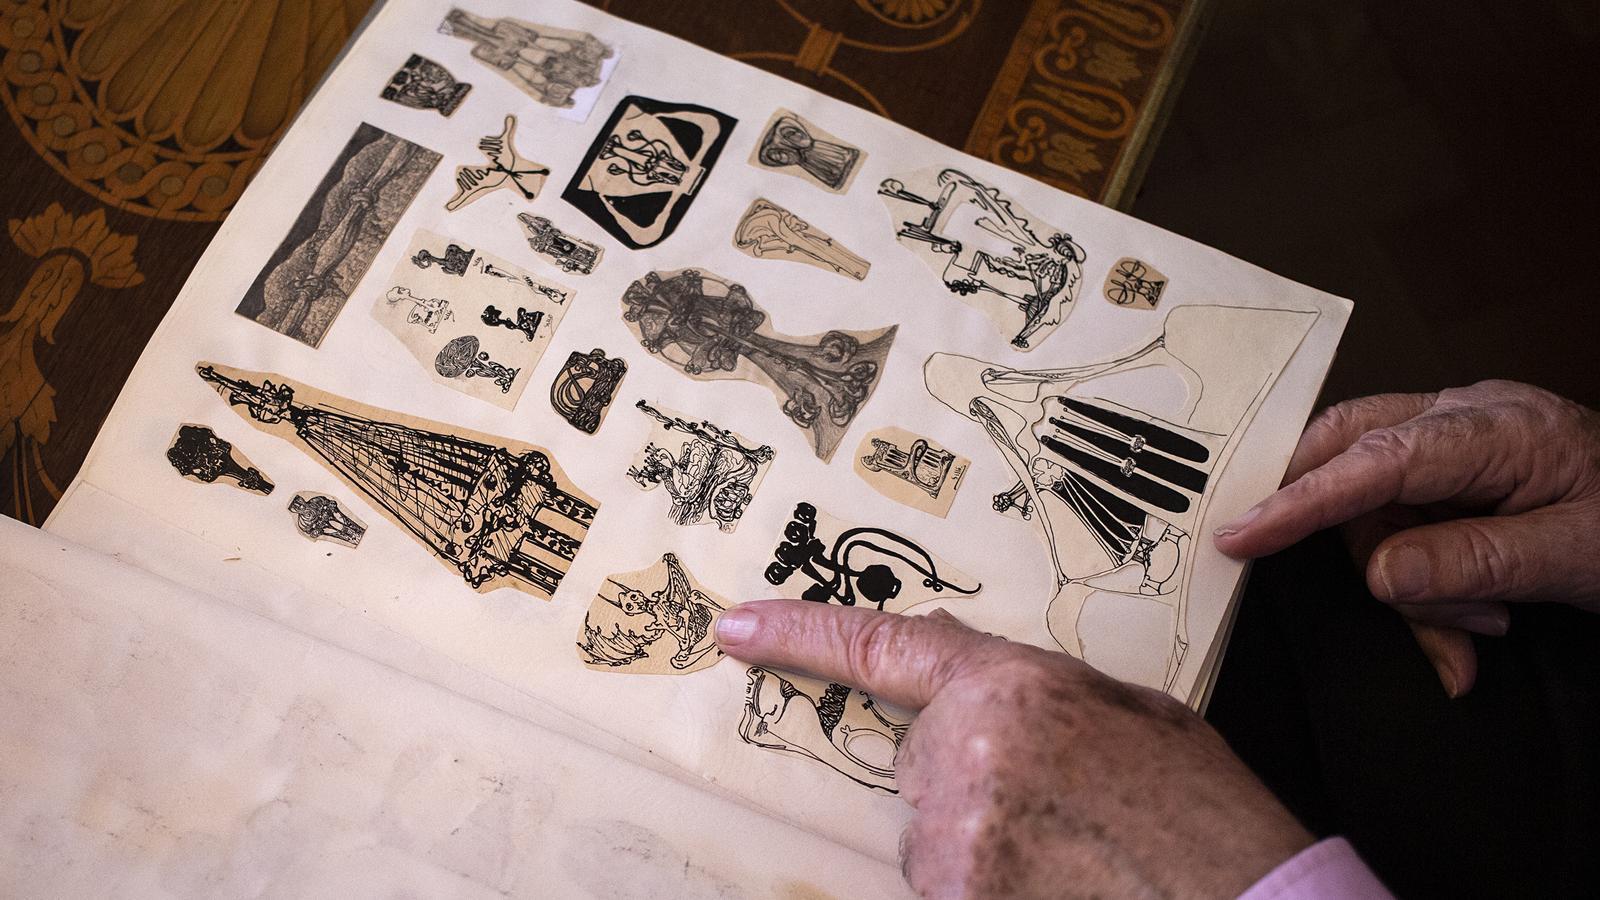 Detall de l'àlbum de croquis de Manuel Sayrach / CÈLIA ATSET